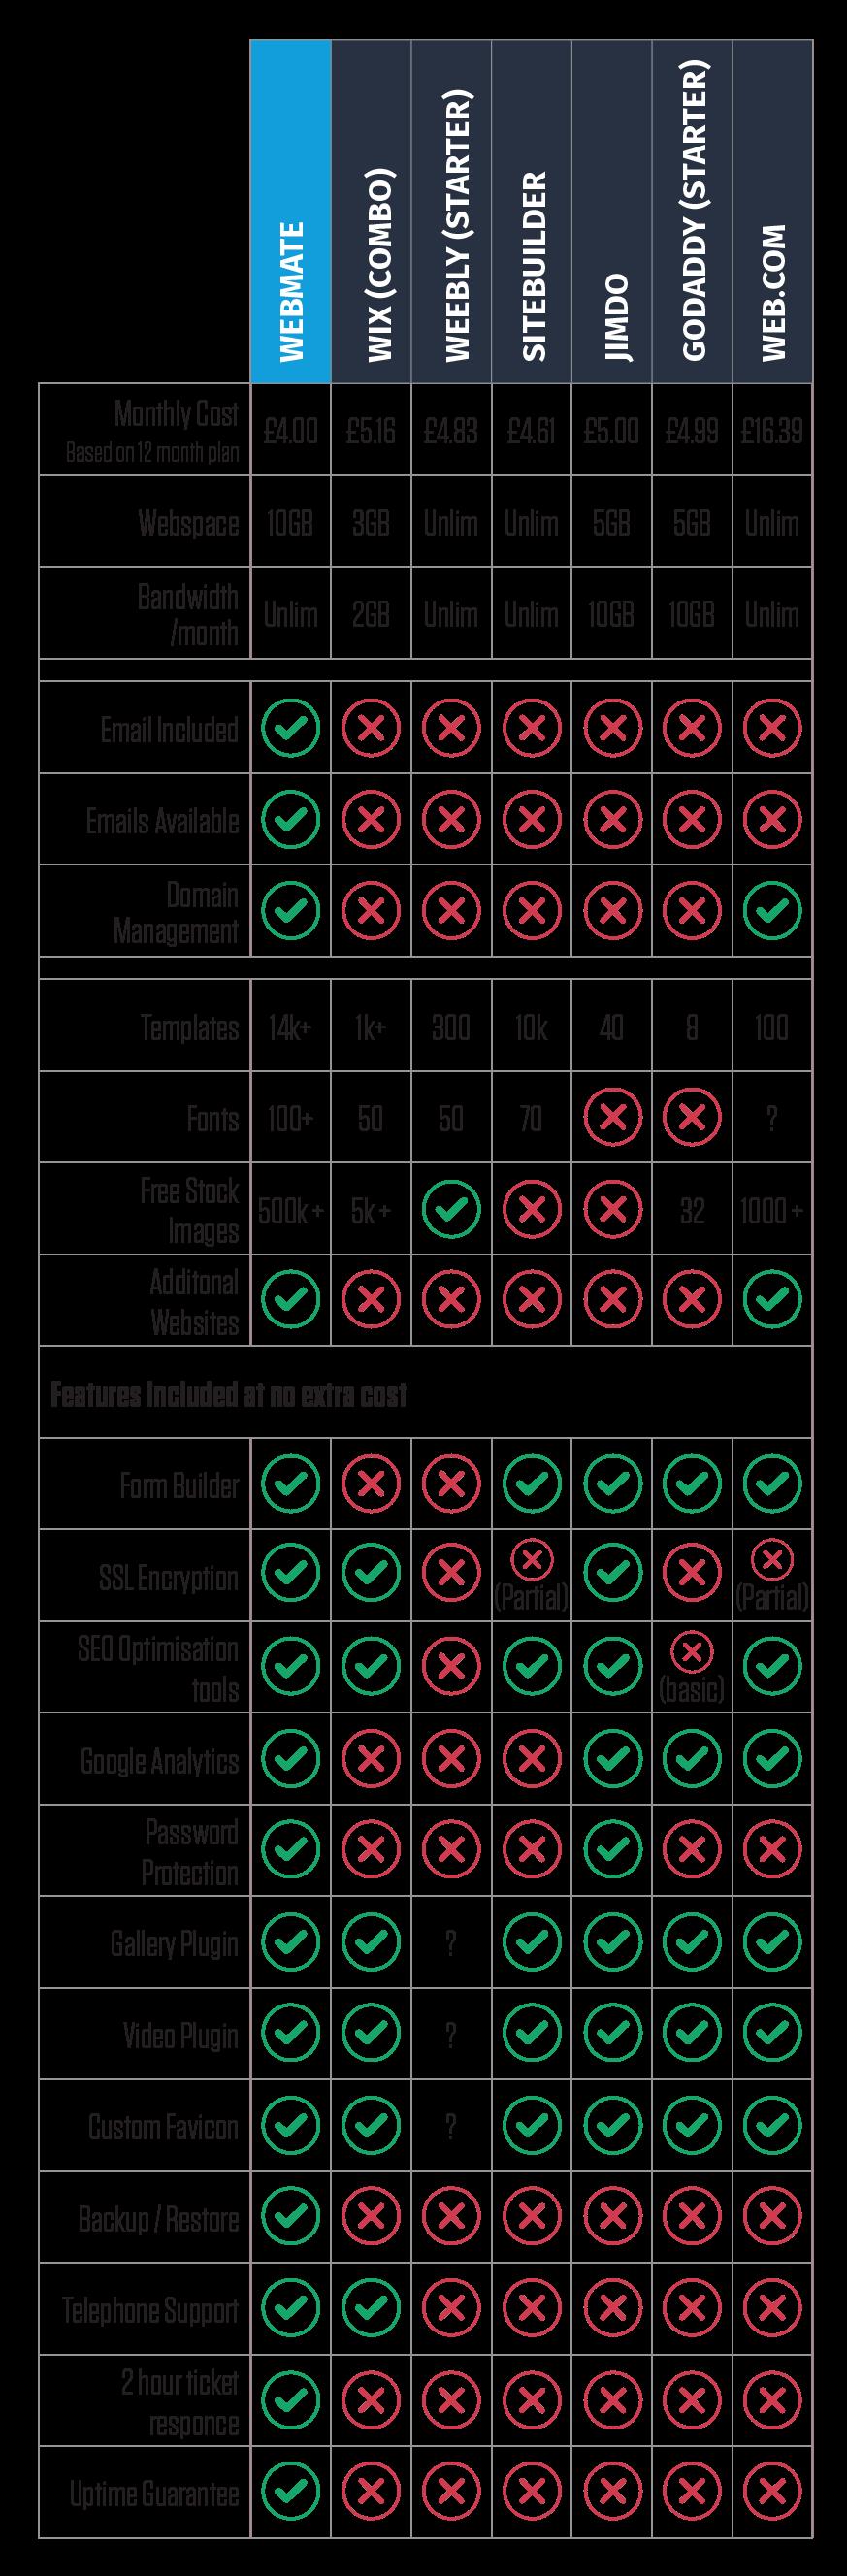 Compare Web Builder